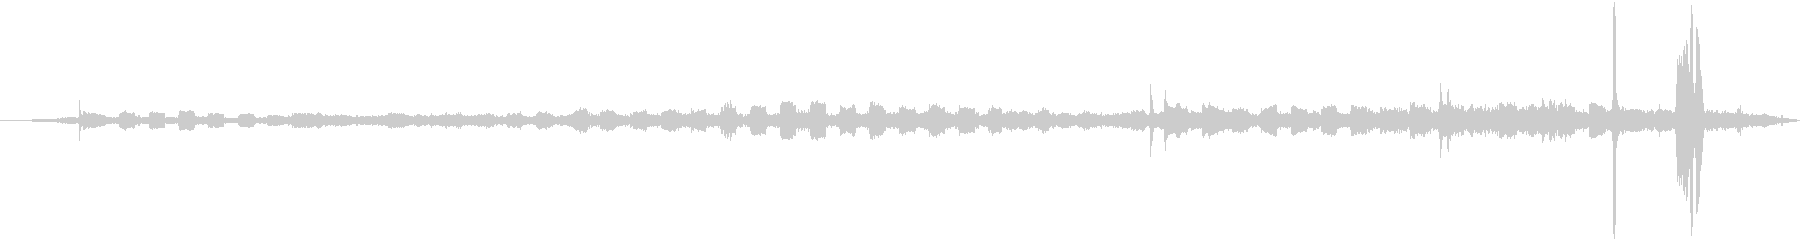 大型産業用ディーゼルビントラック:...の未再生の波形